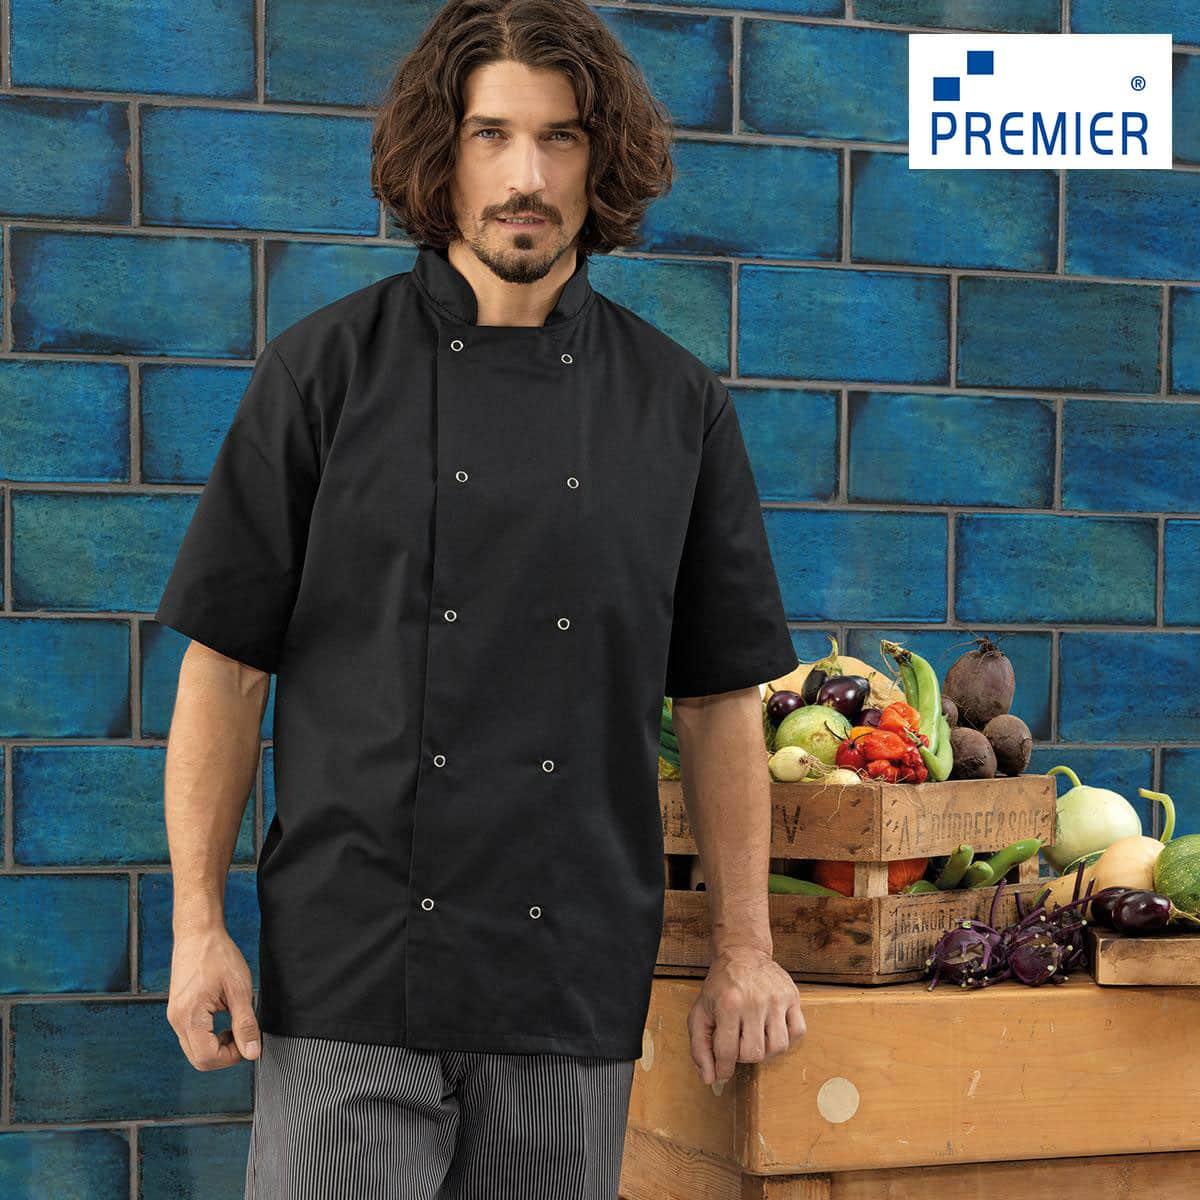 Cuoco con pantaloni a quadretti e casacca manica corta nera, con cassetta di verdura e piastrelle blu